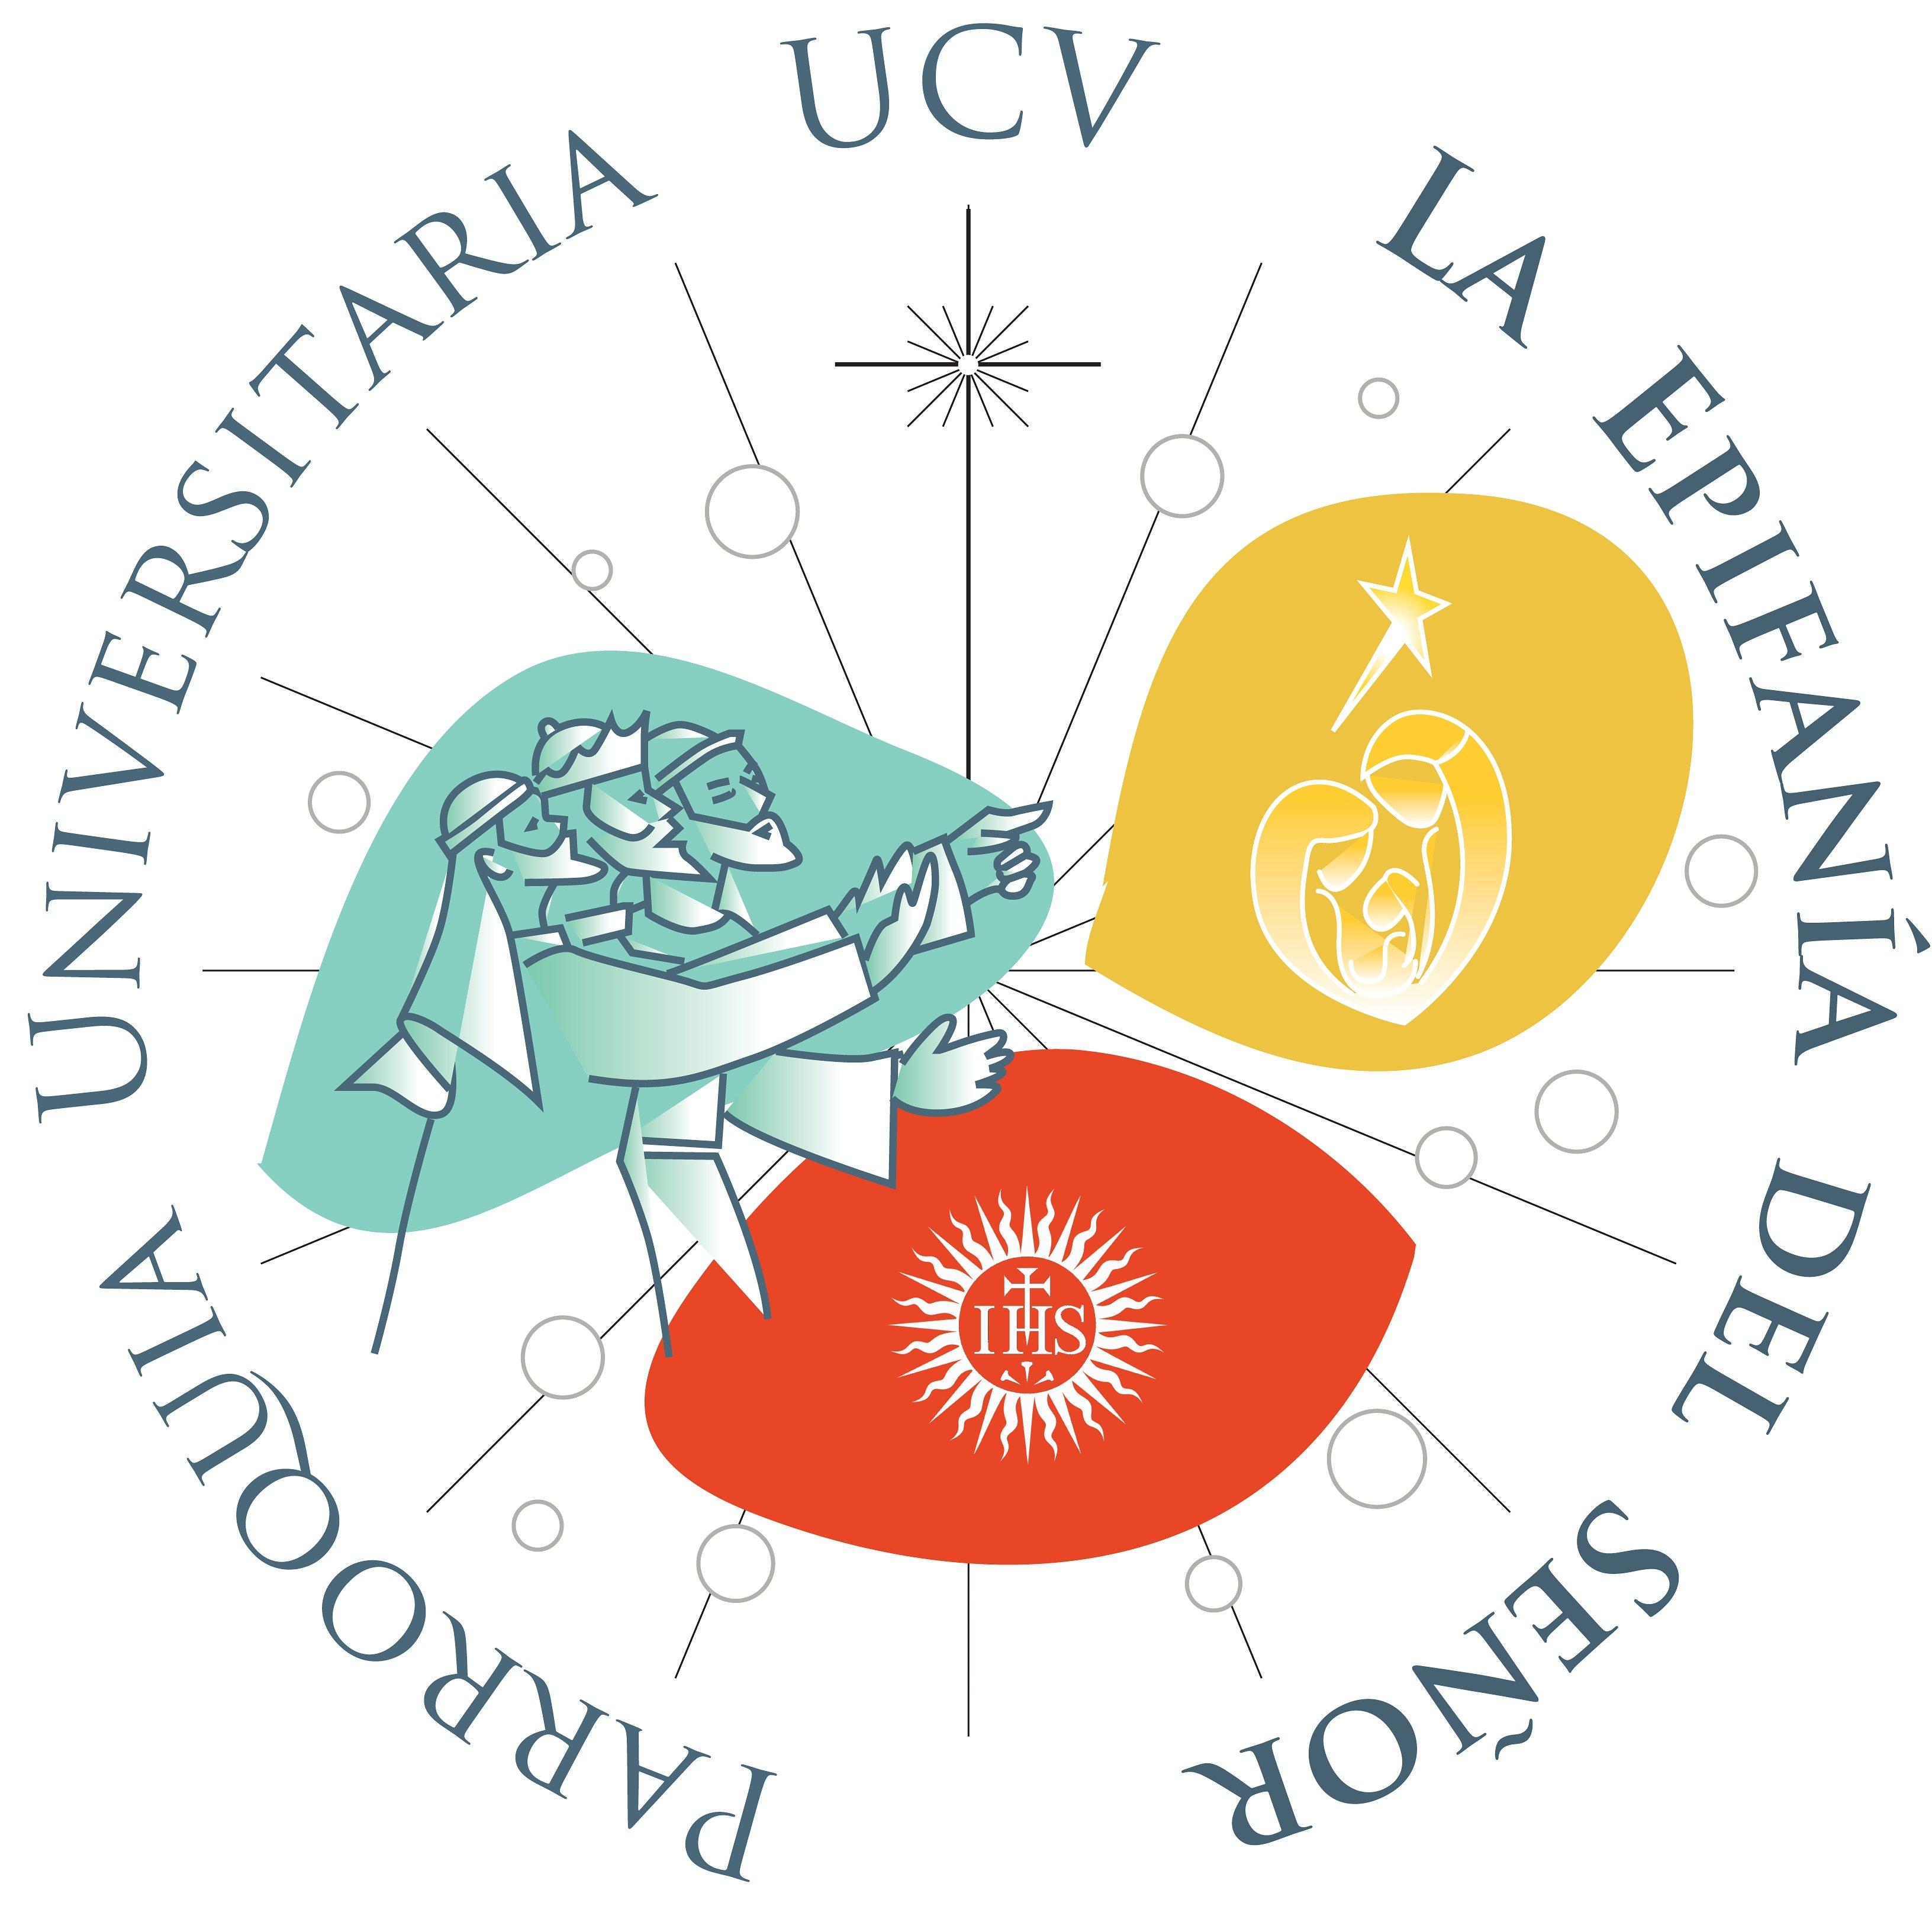 Parroquia Universitaria UCV